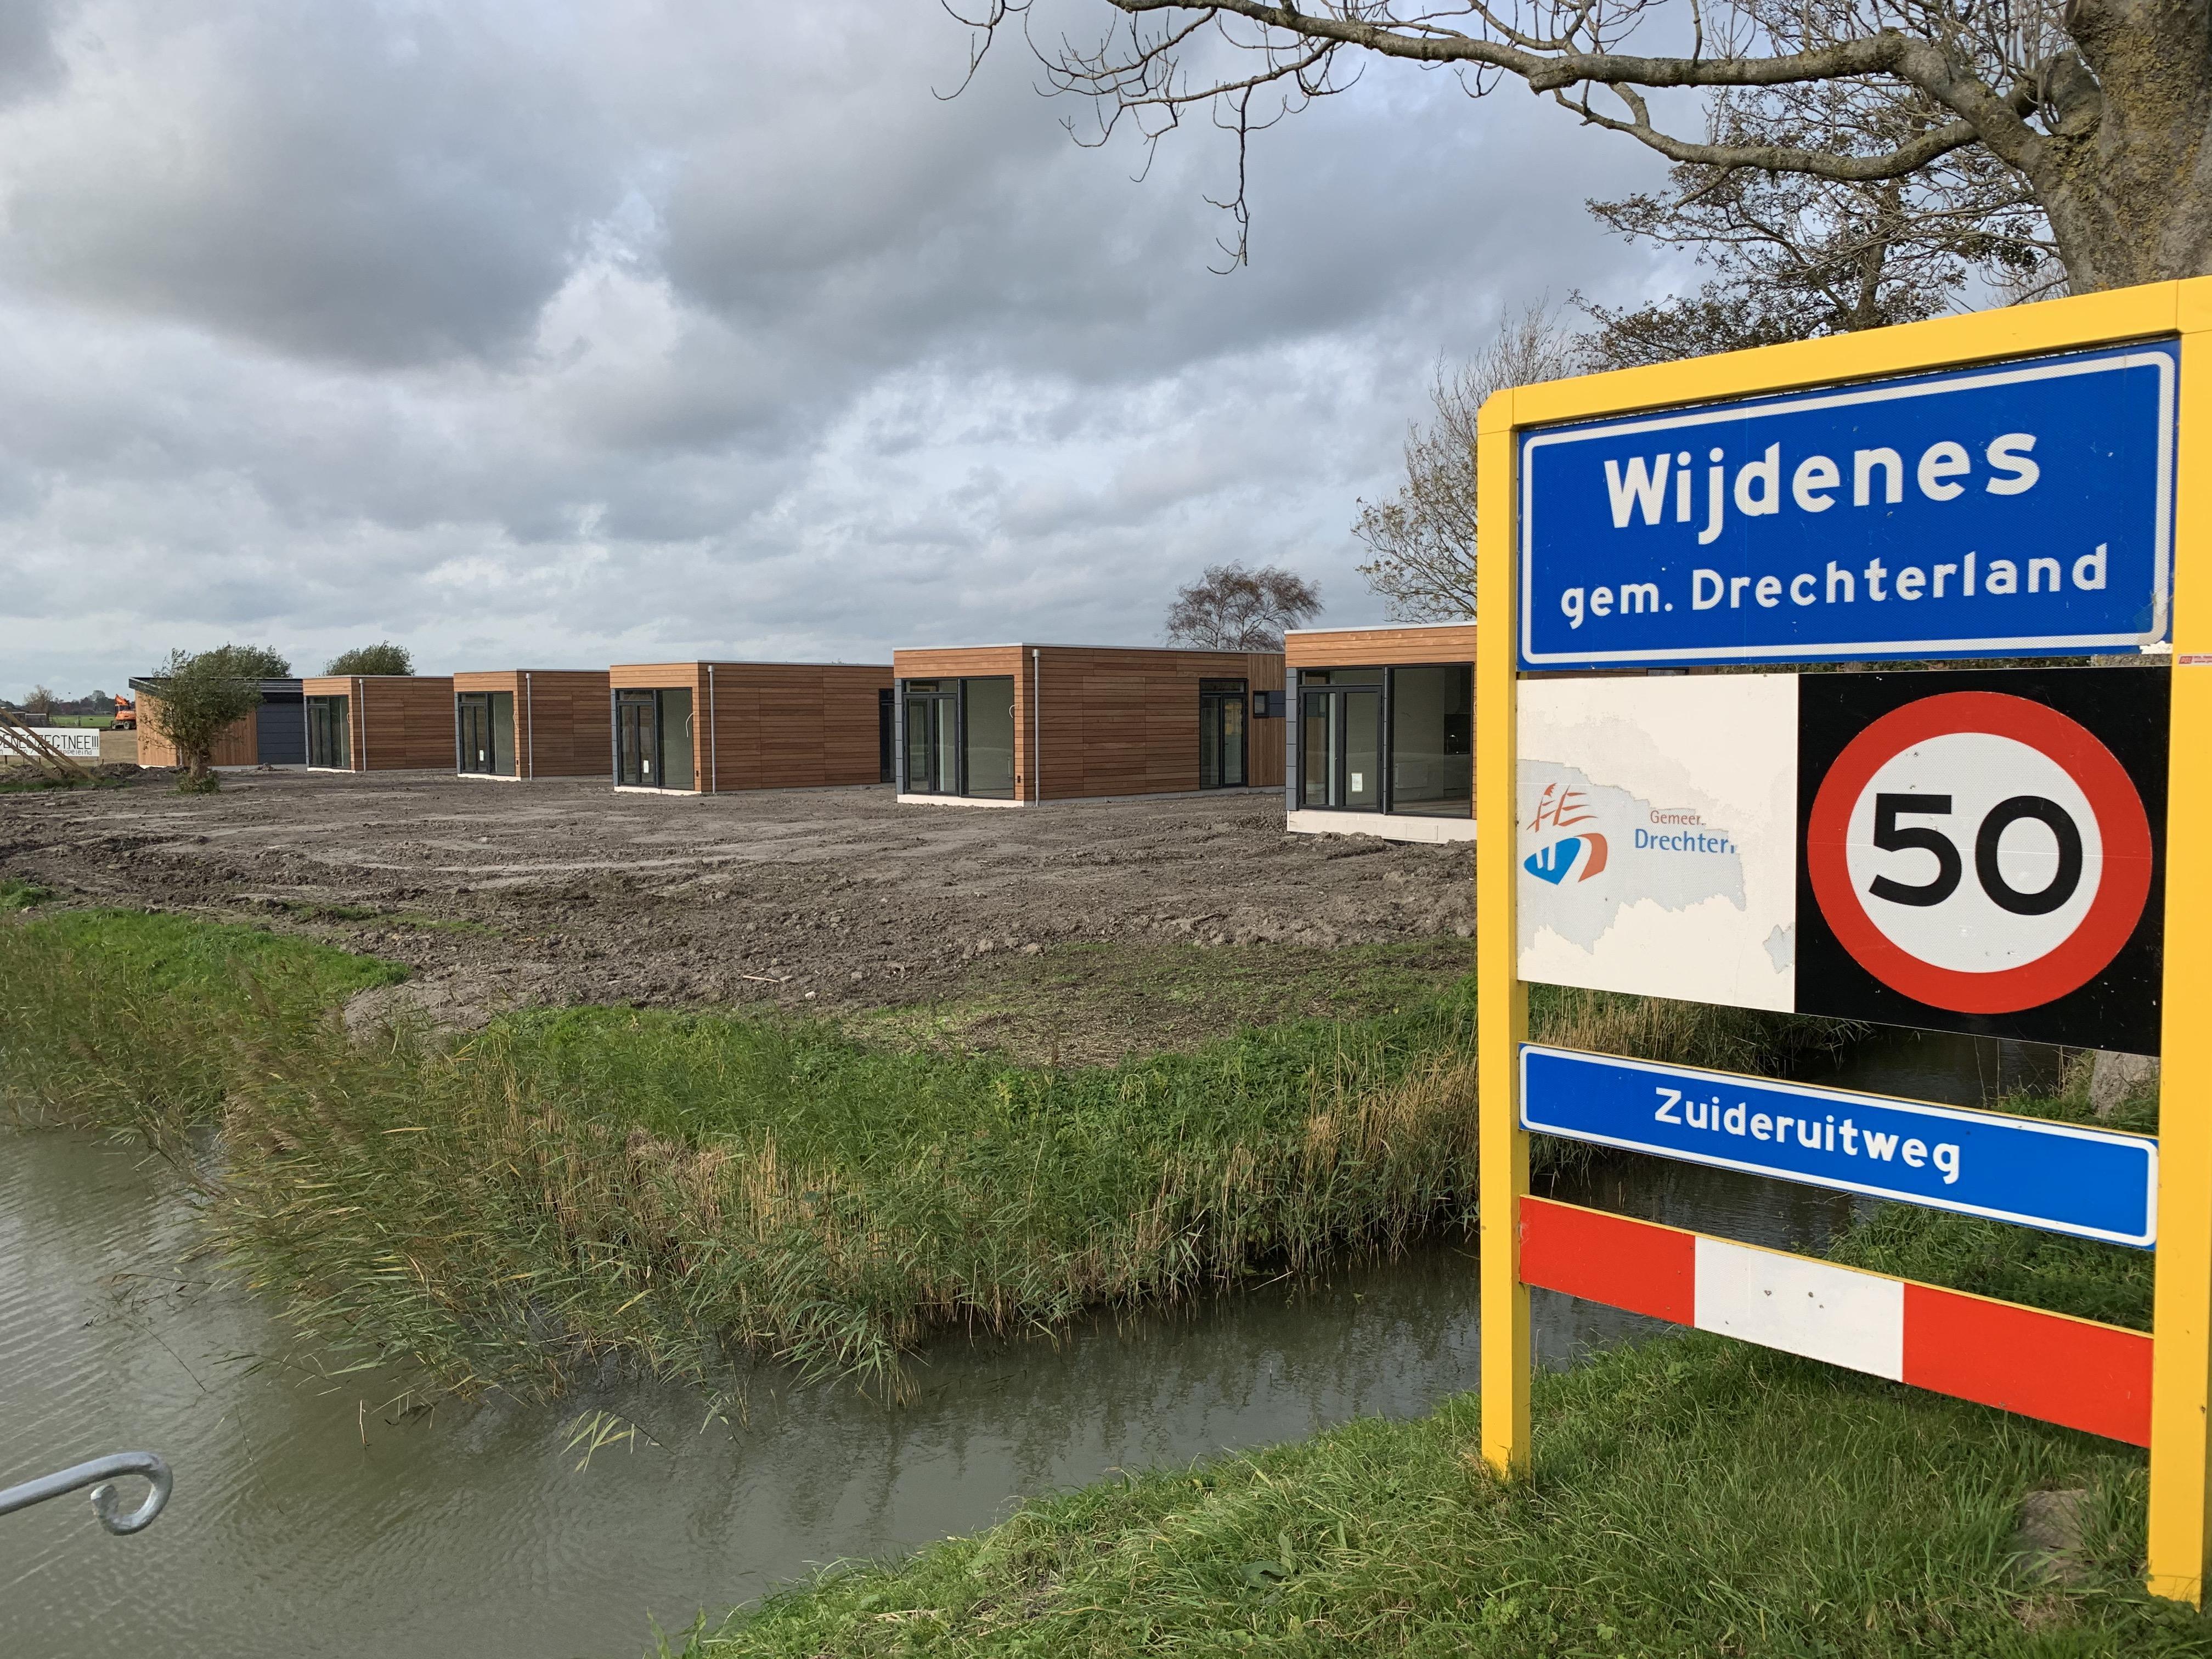 Deel Drechterlandse politiek over gang van zaken rond camping't Hof in Wijdenes; 'ondermaatse handhaving'.